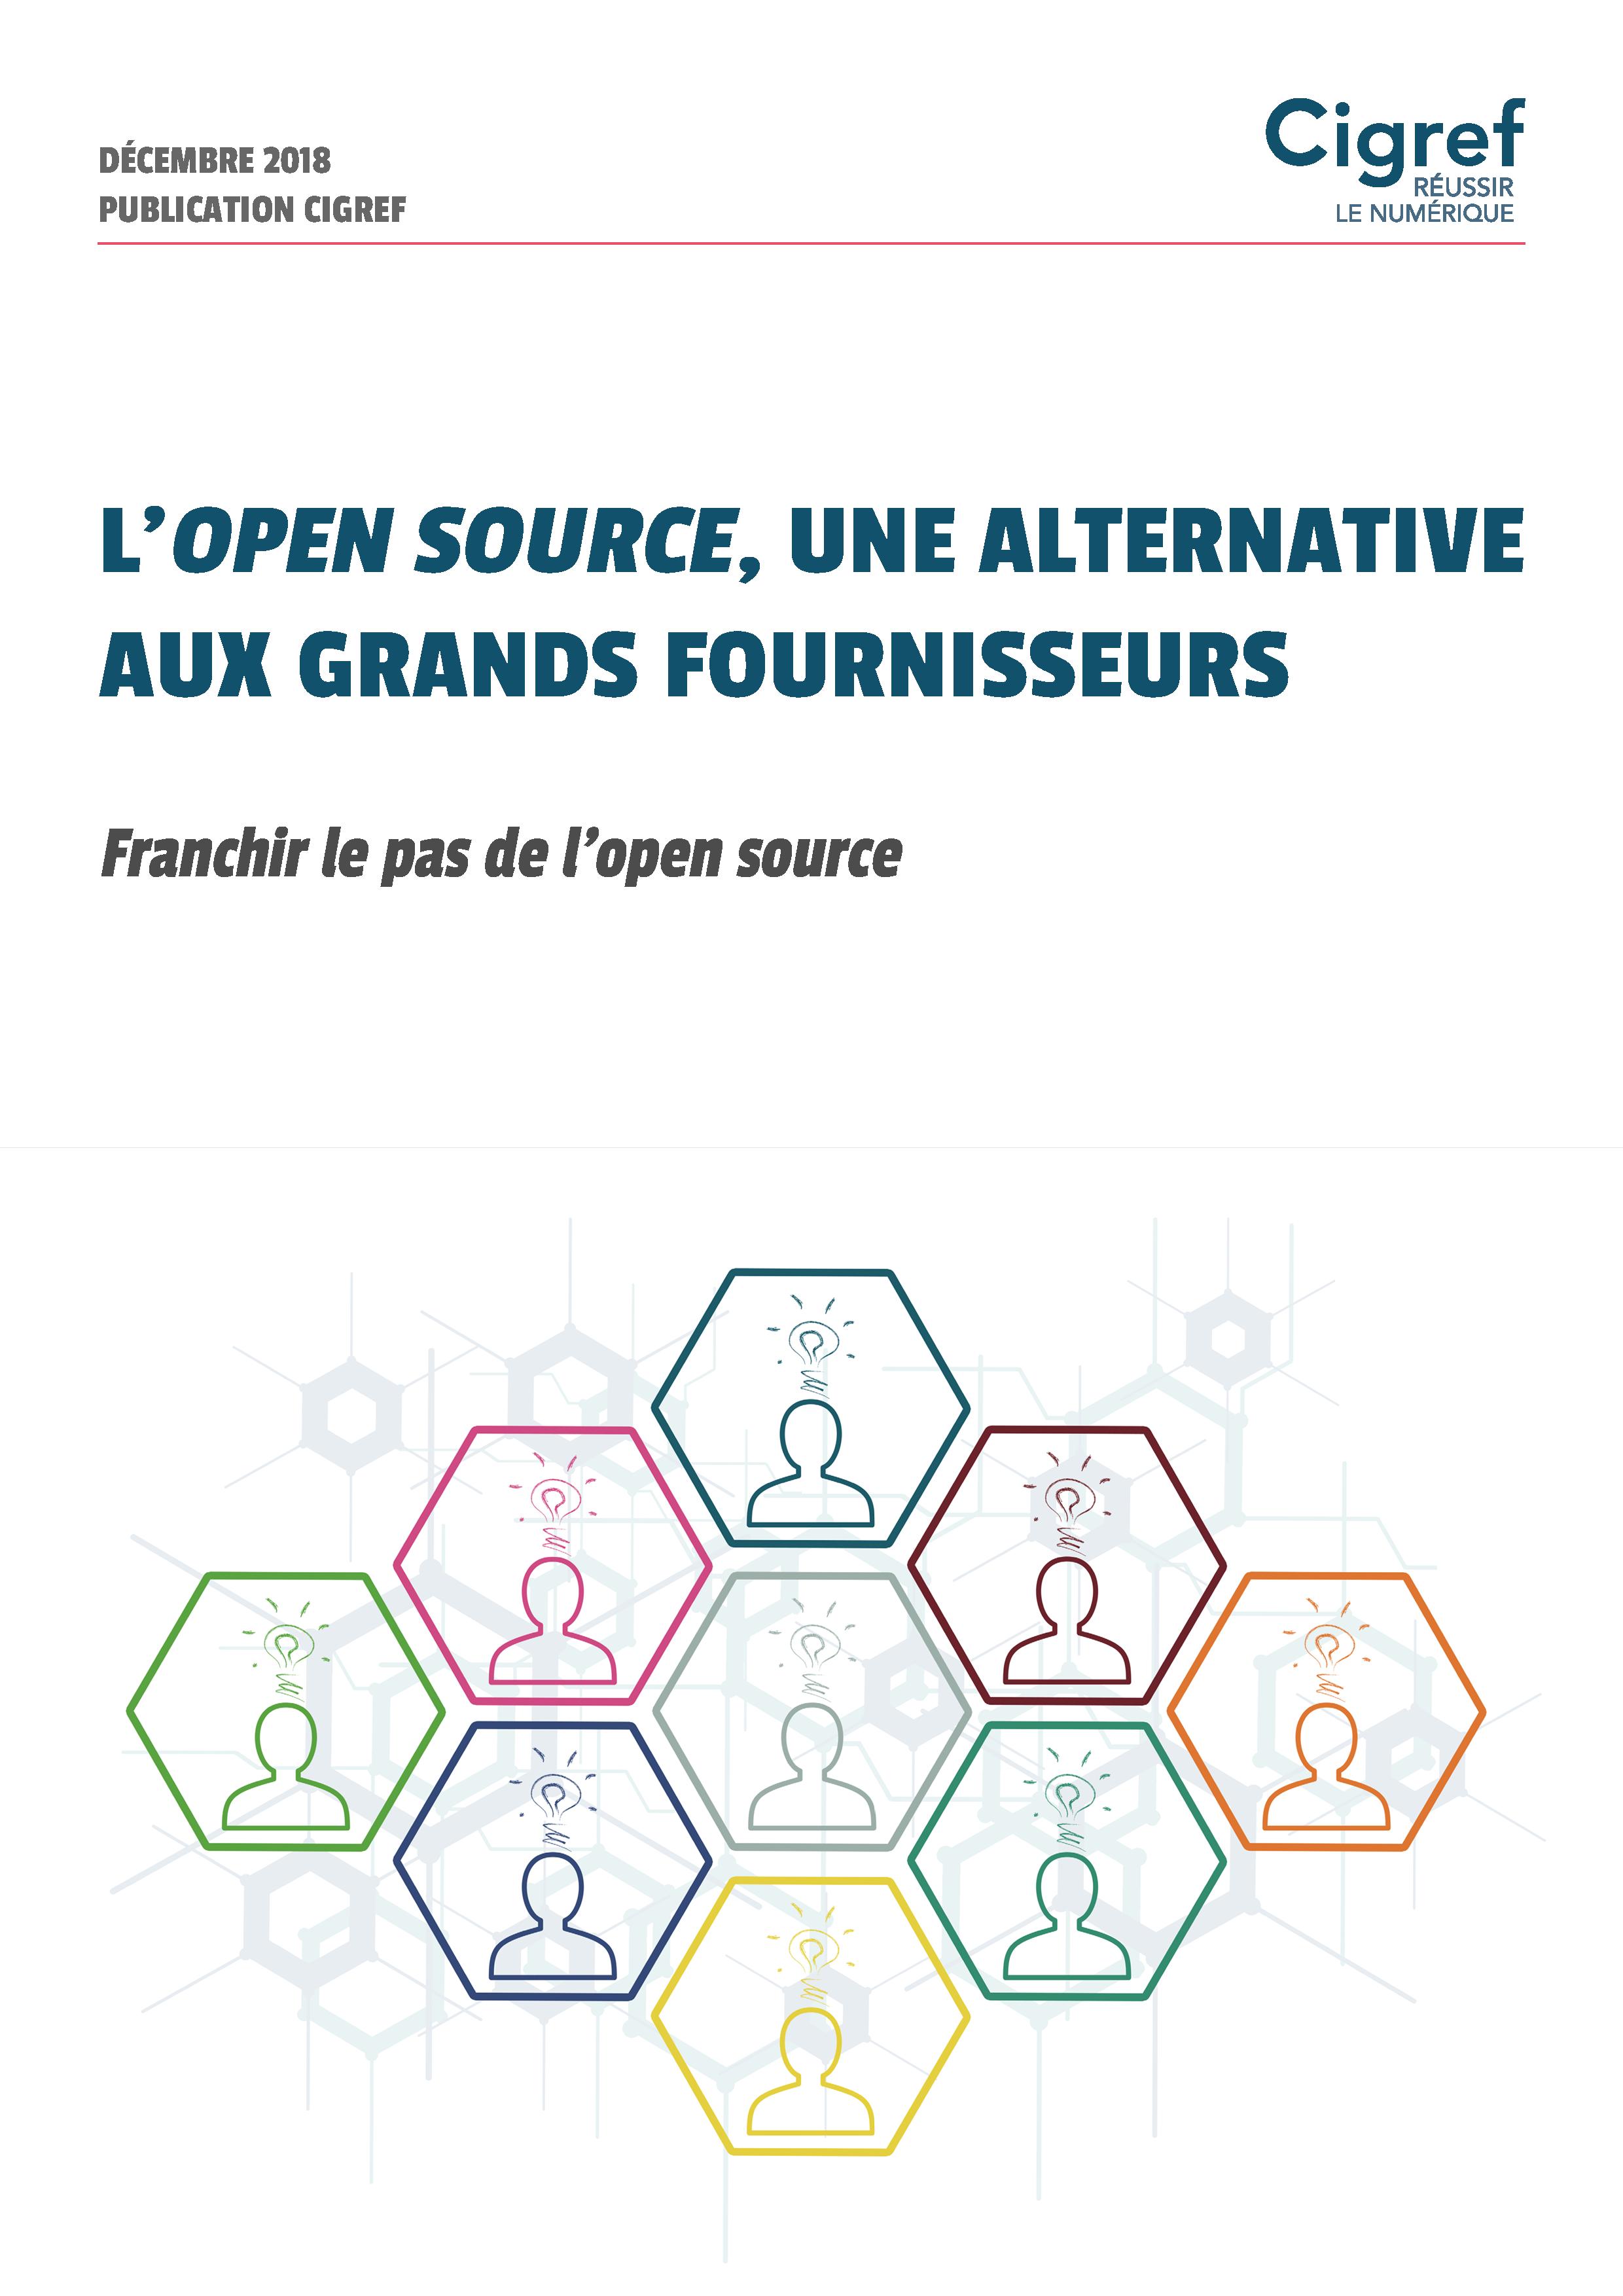 L'open source, une alternative aux grands fournisseurs